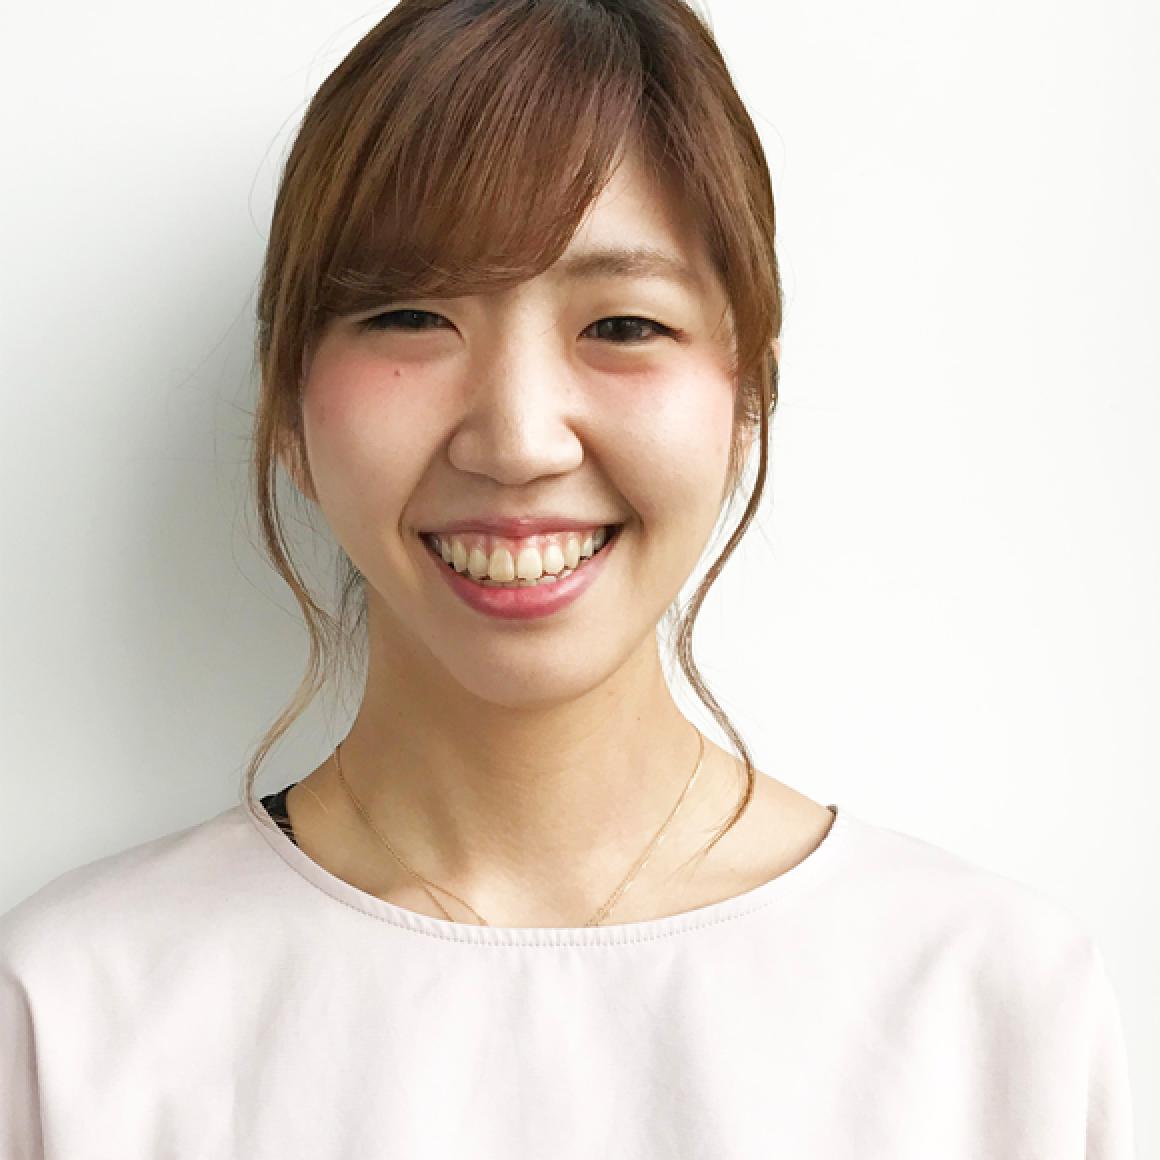 muraoka